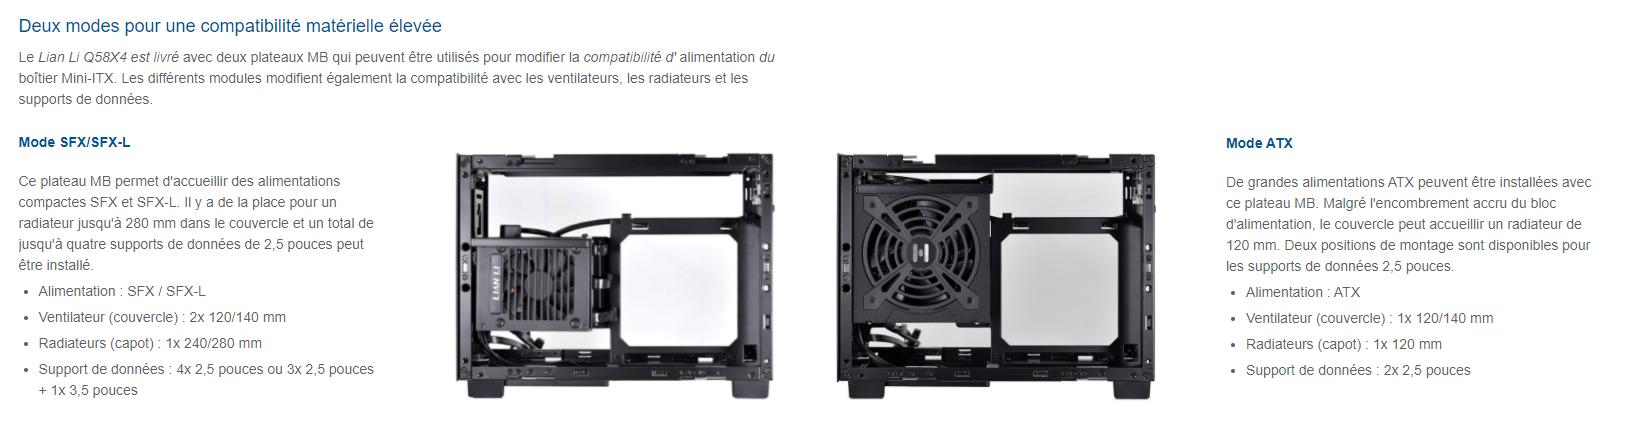 Lian Li présente le Q58 son mini boîtier pour format ITX et la disposition de l'alimentation